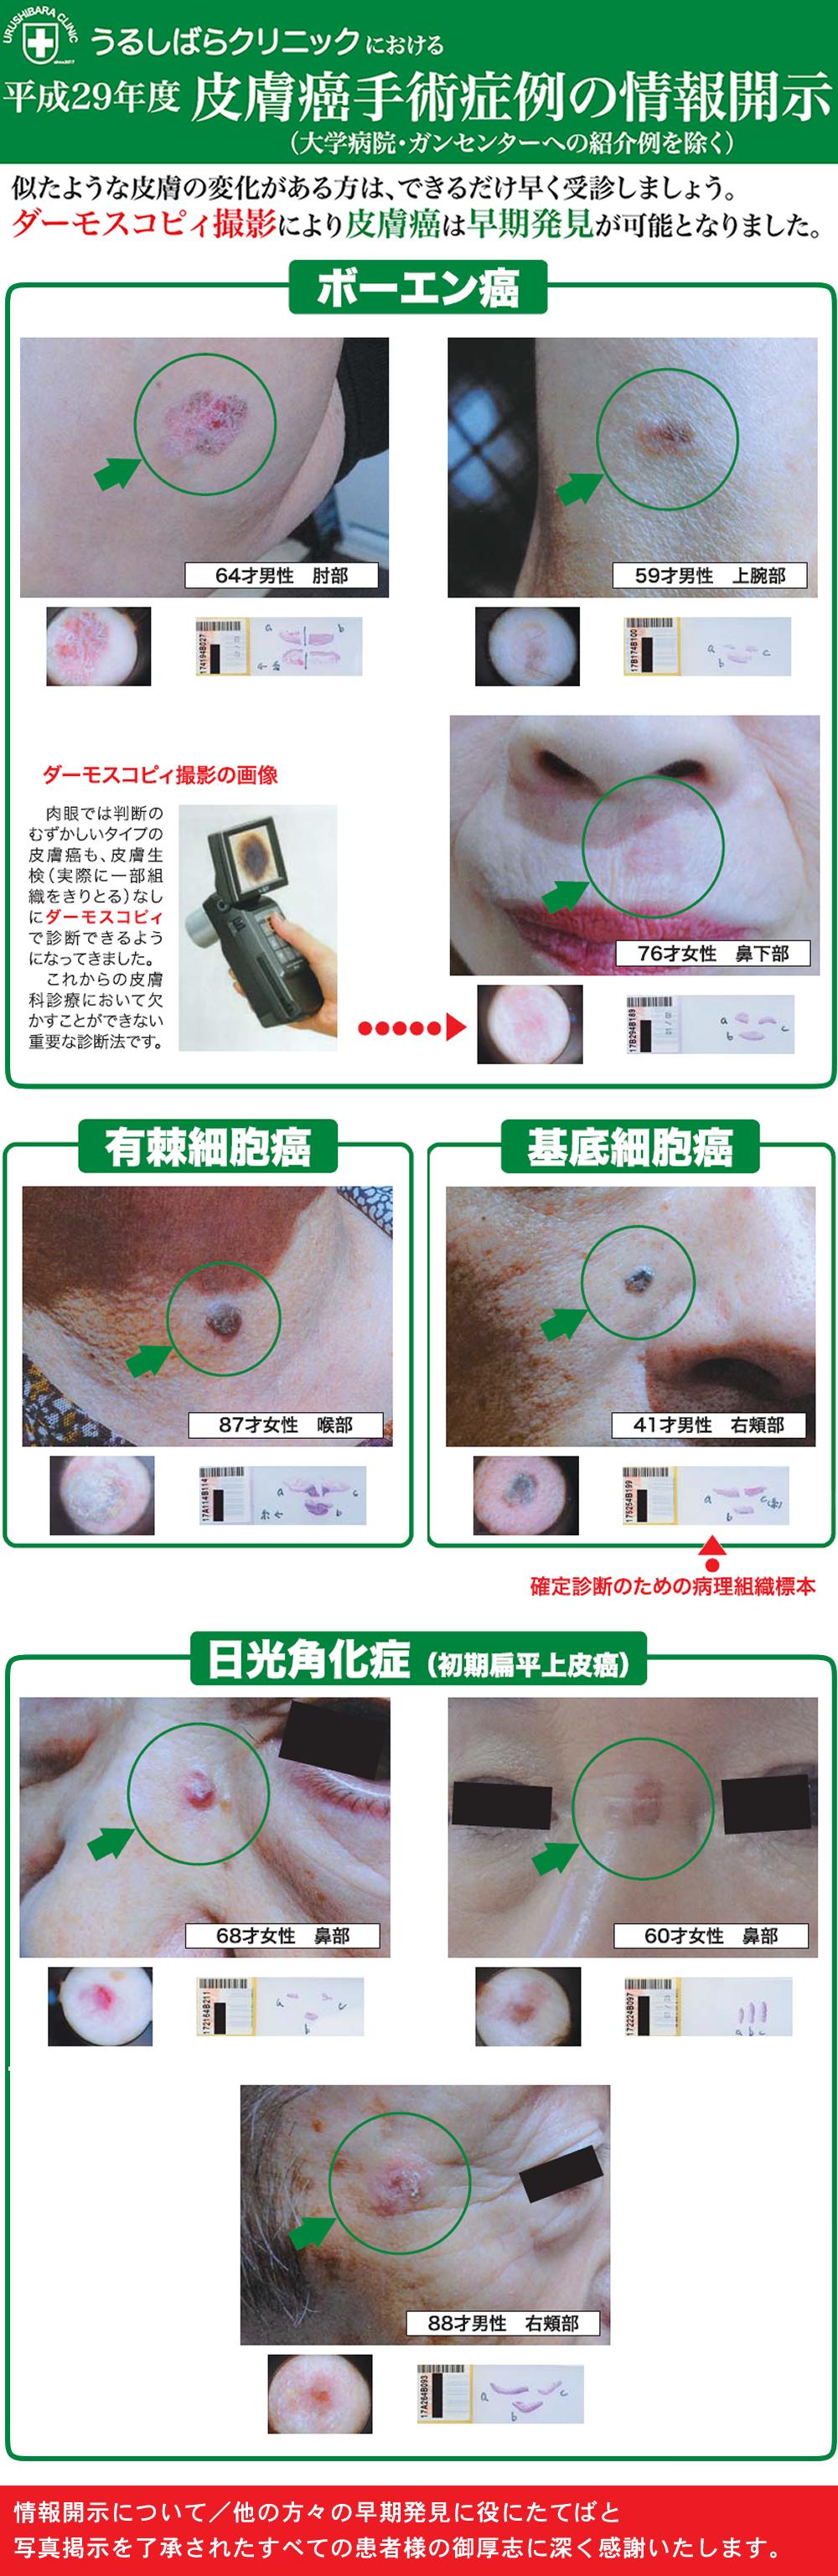 皮膚癌手術症例の情報開示